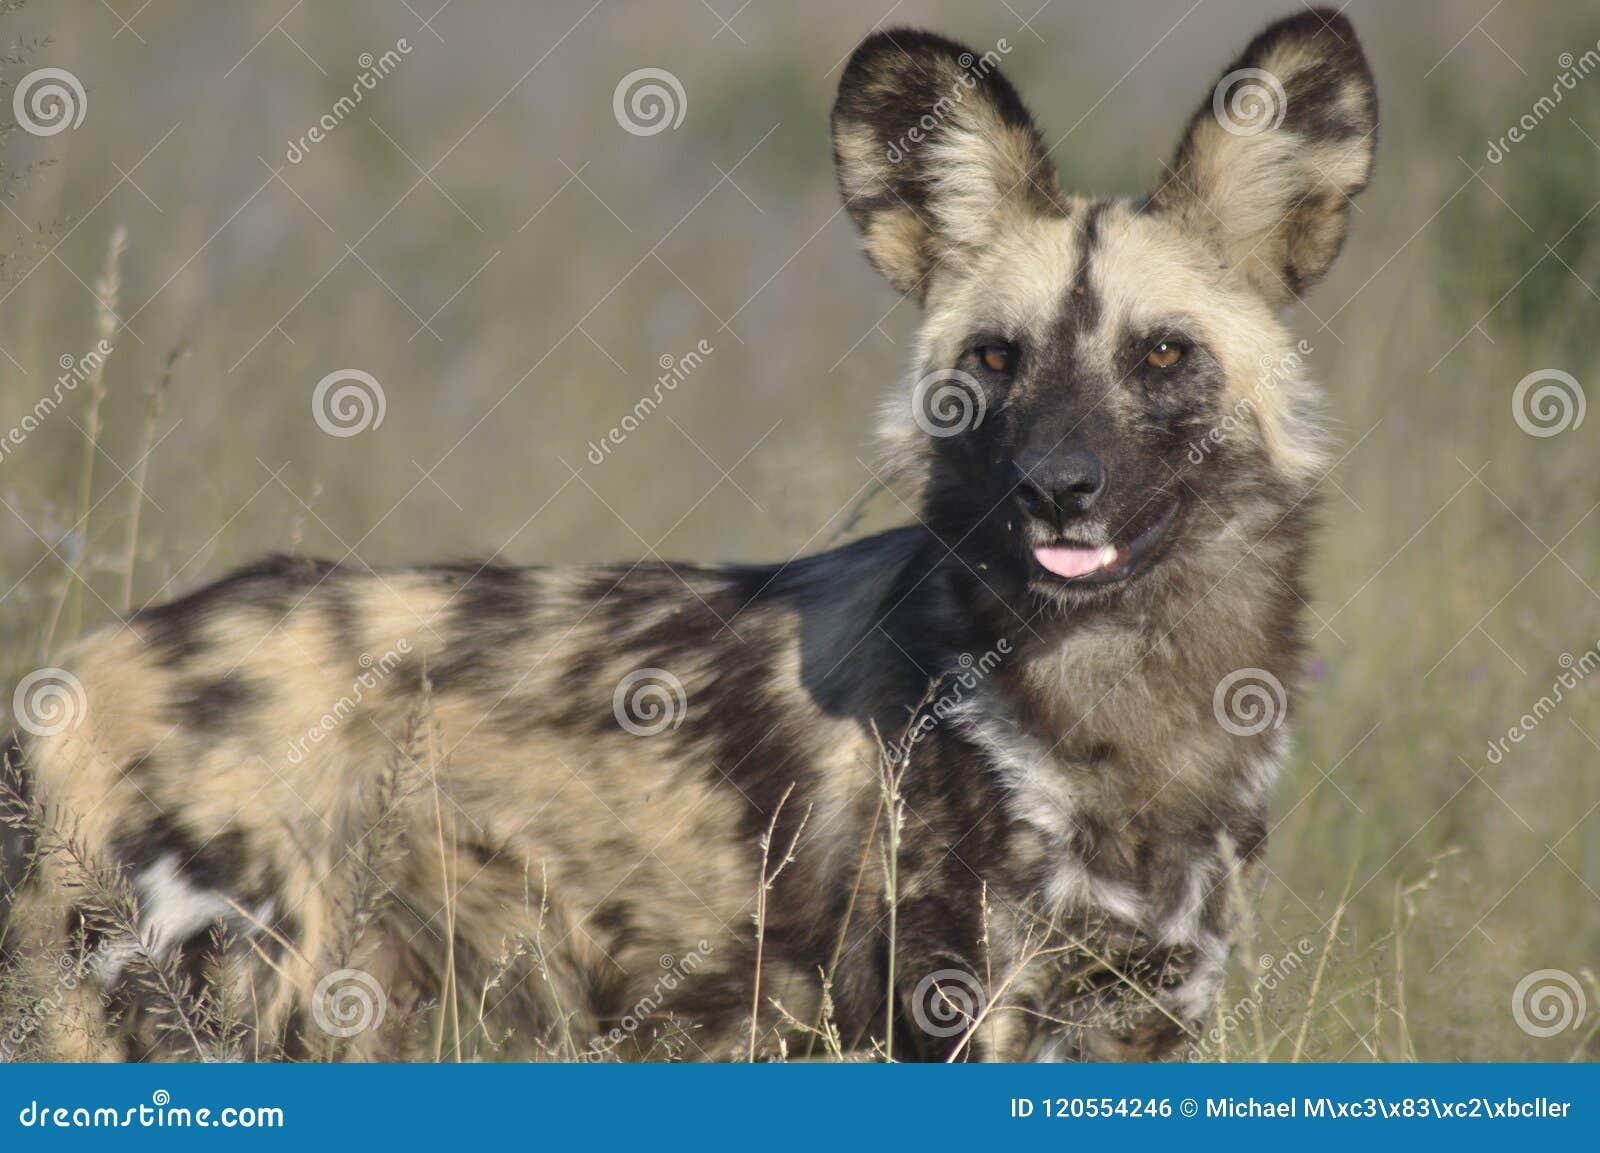 Wilddog-riserva al pascolo Safari Lodge nel Kalahar centrale